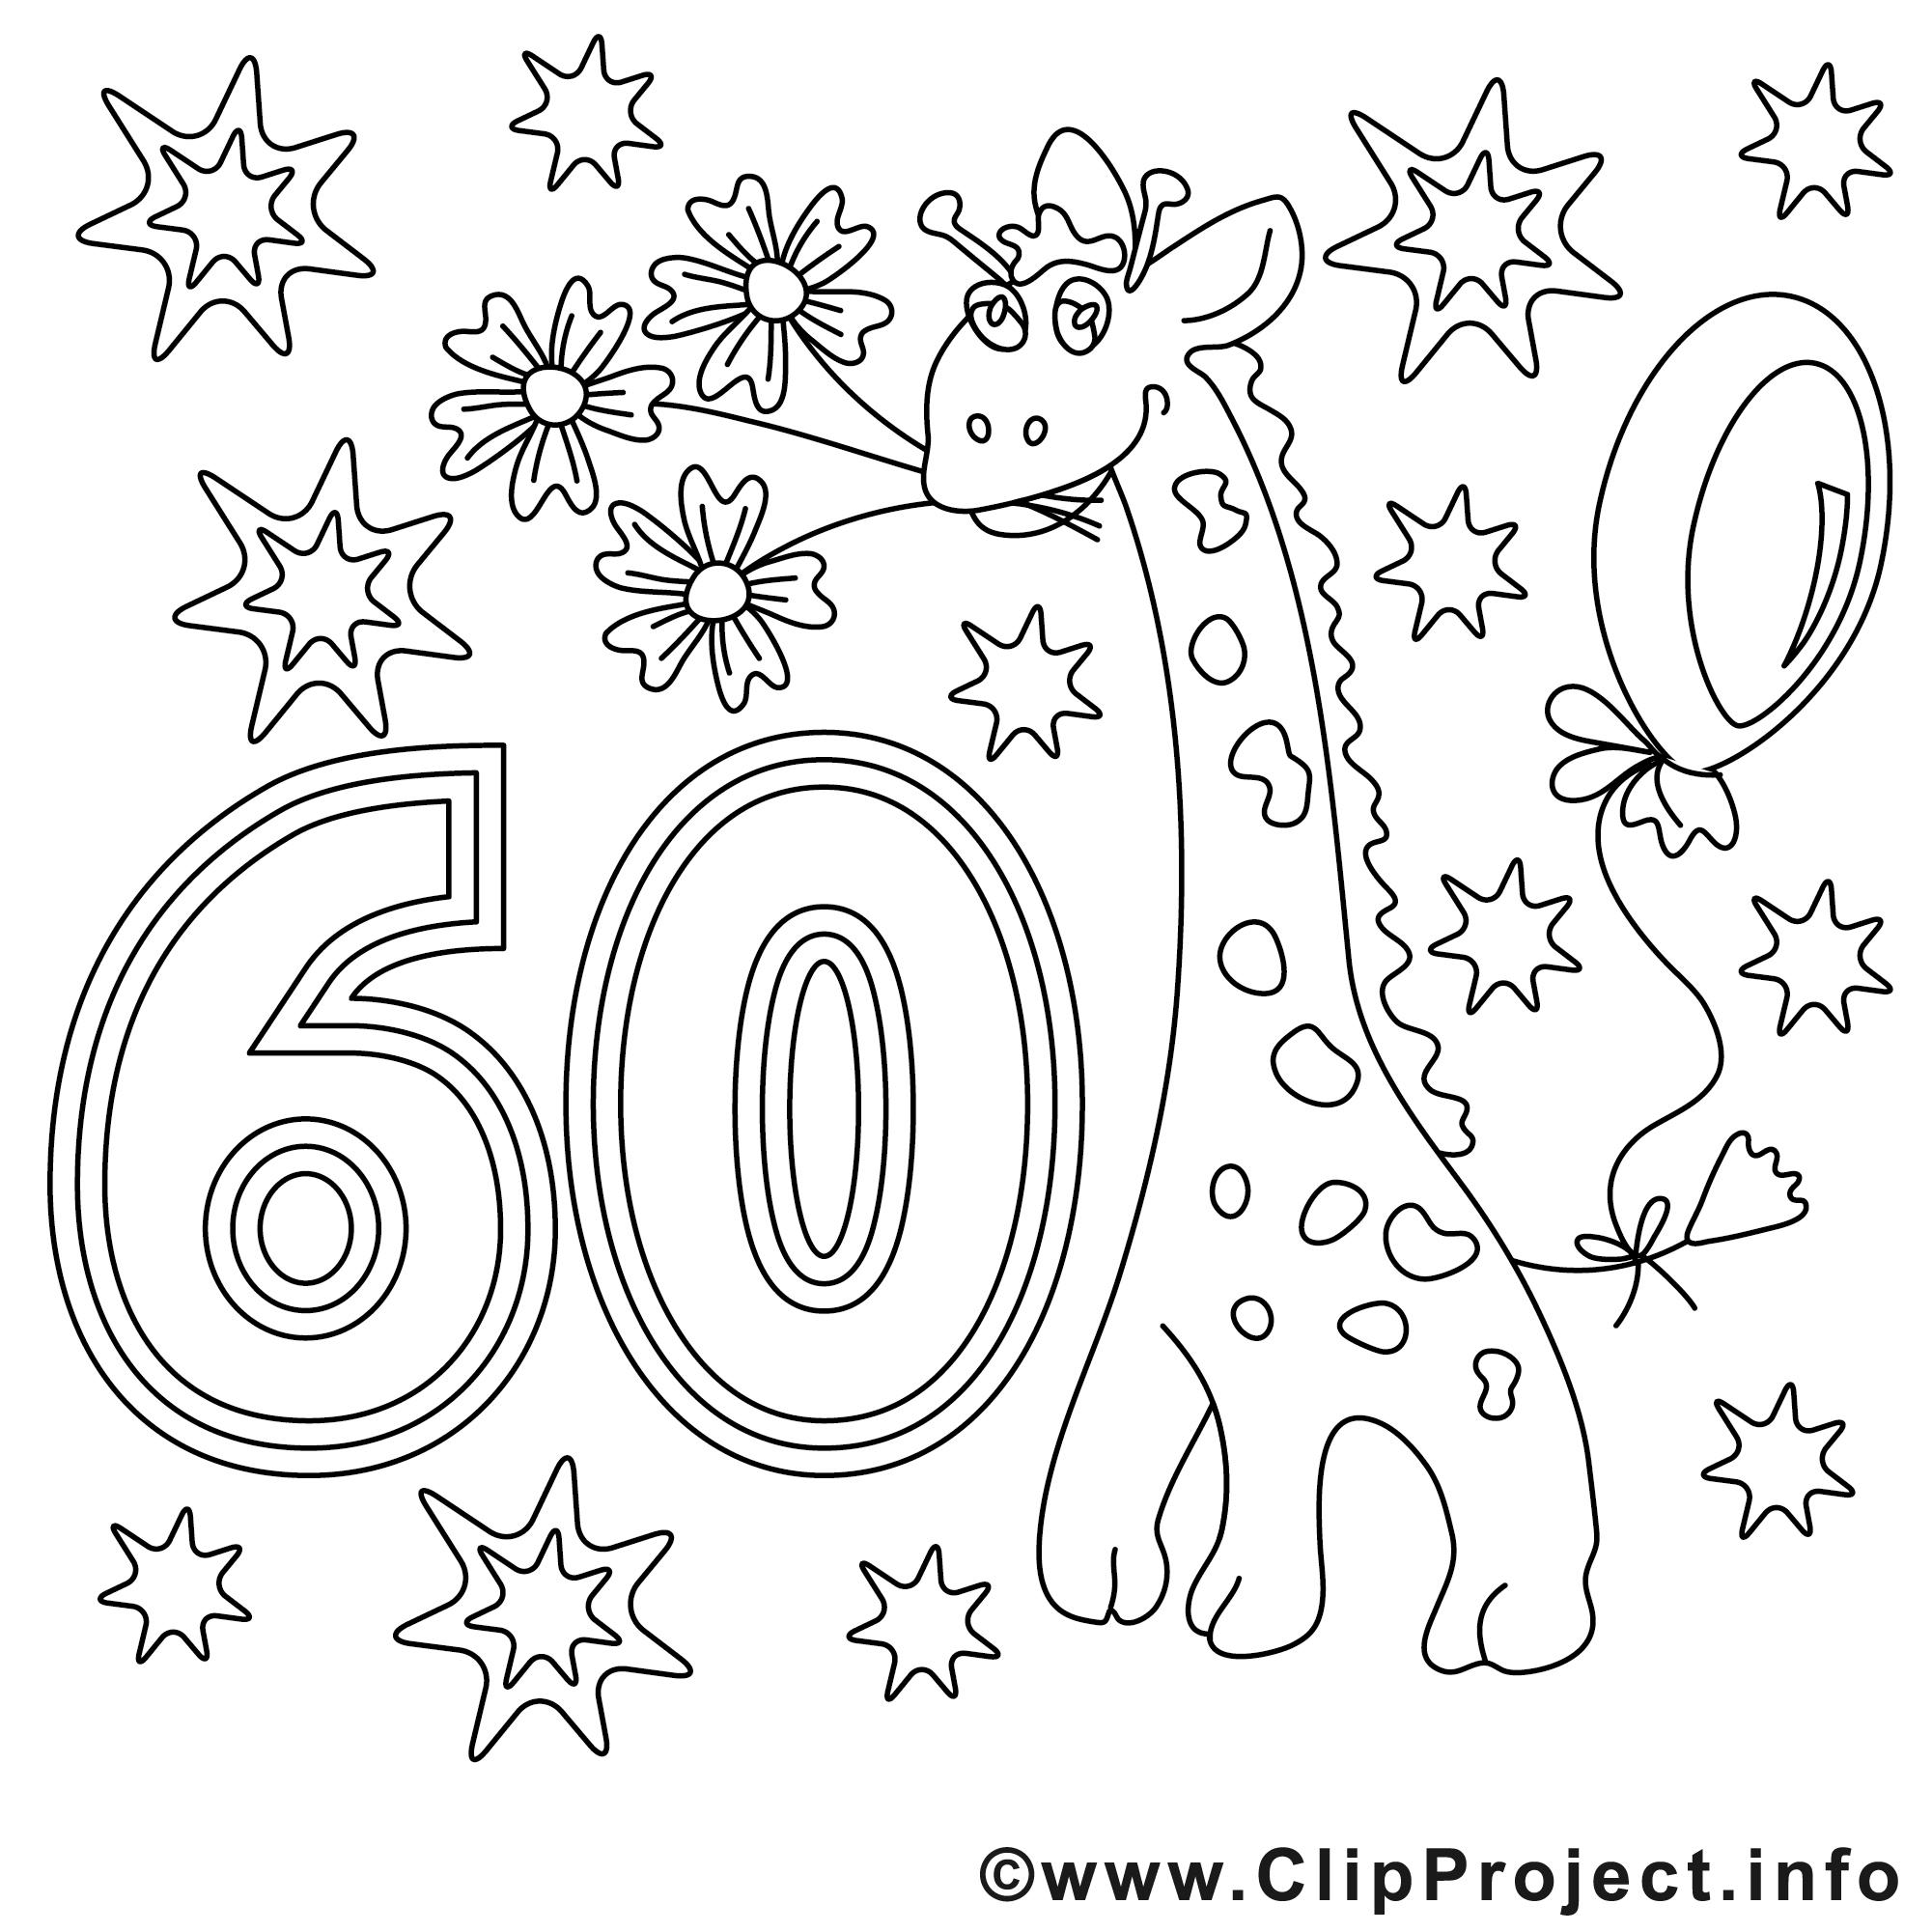 Cliparts zum 60 geburtstag clip art free download Ausmalbild zum 60. Geburtstag clip art free download